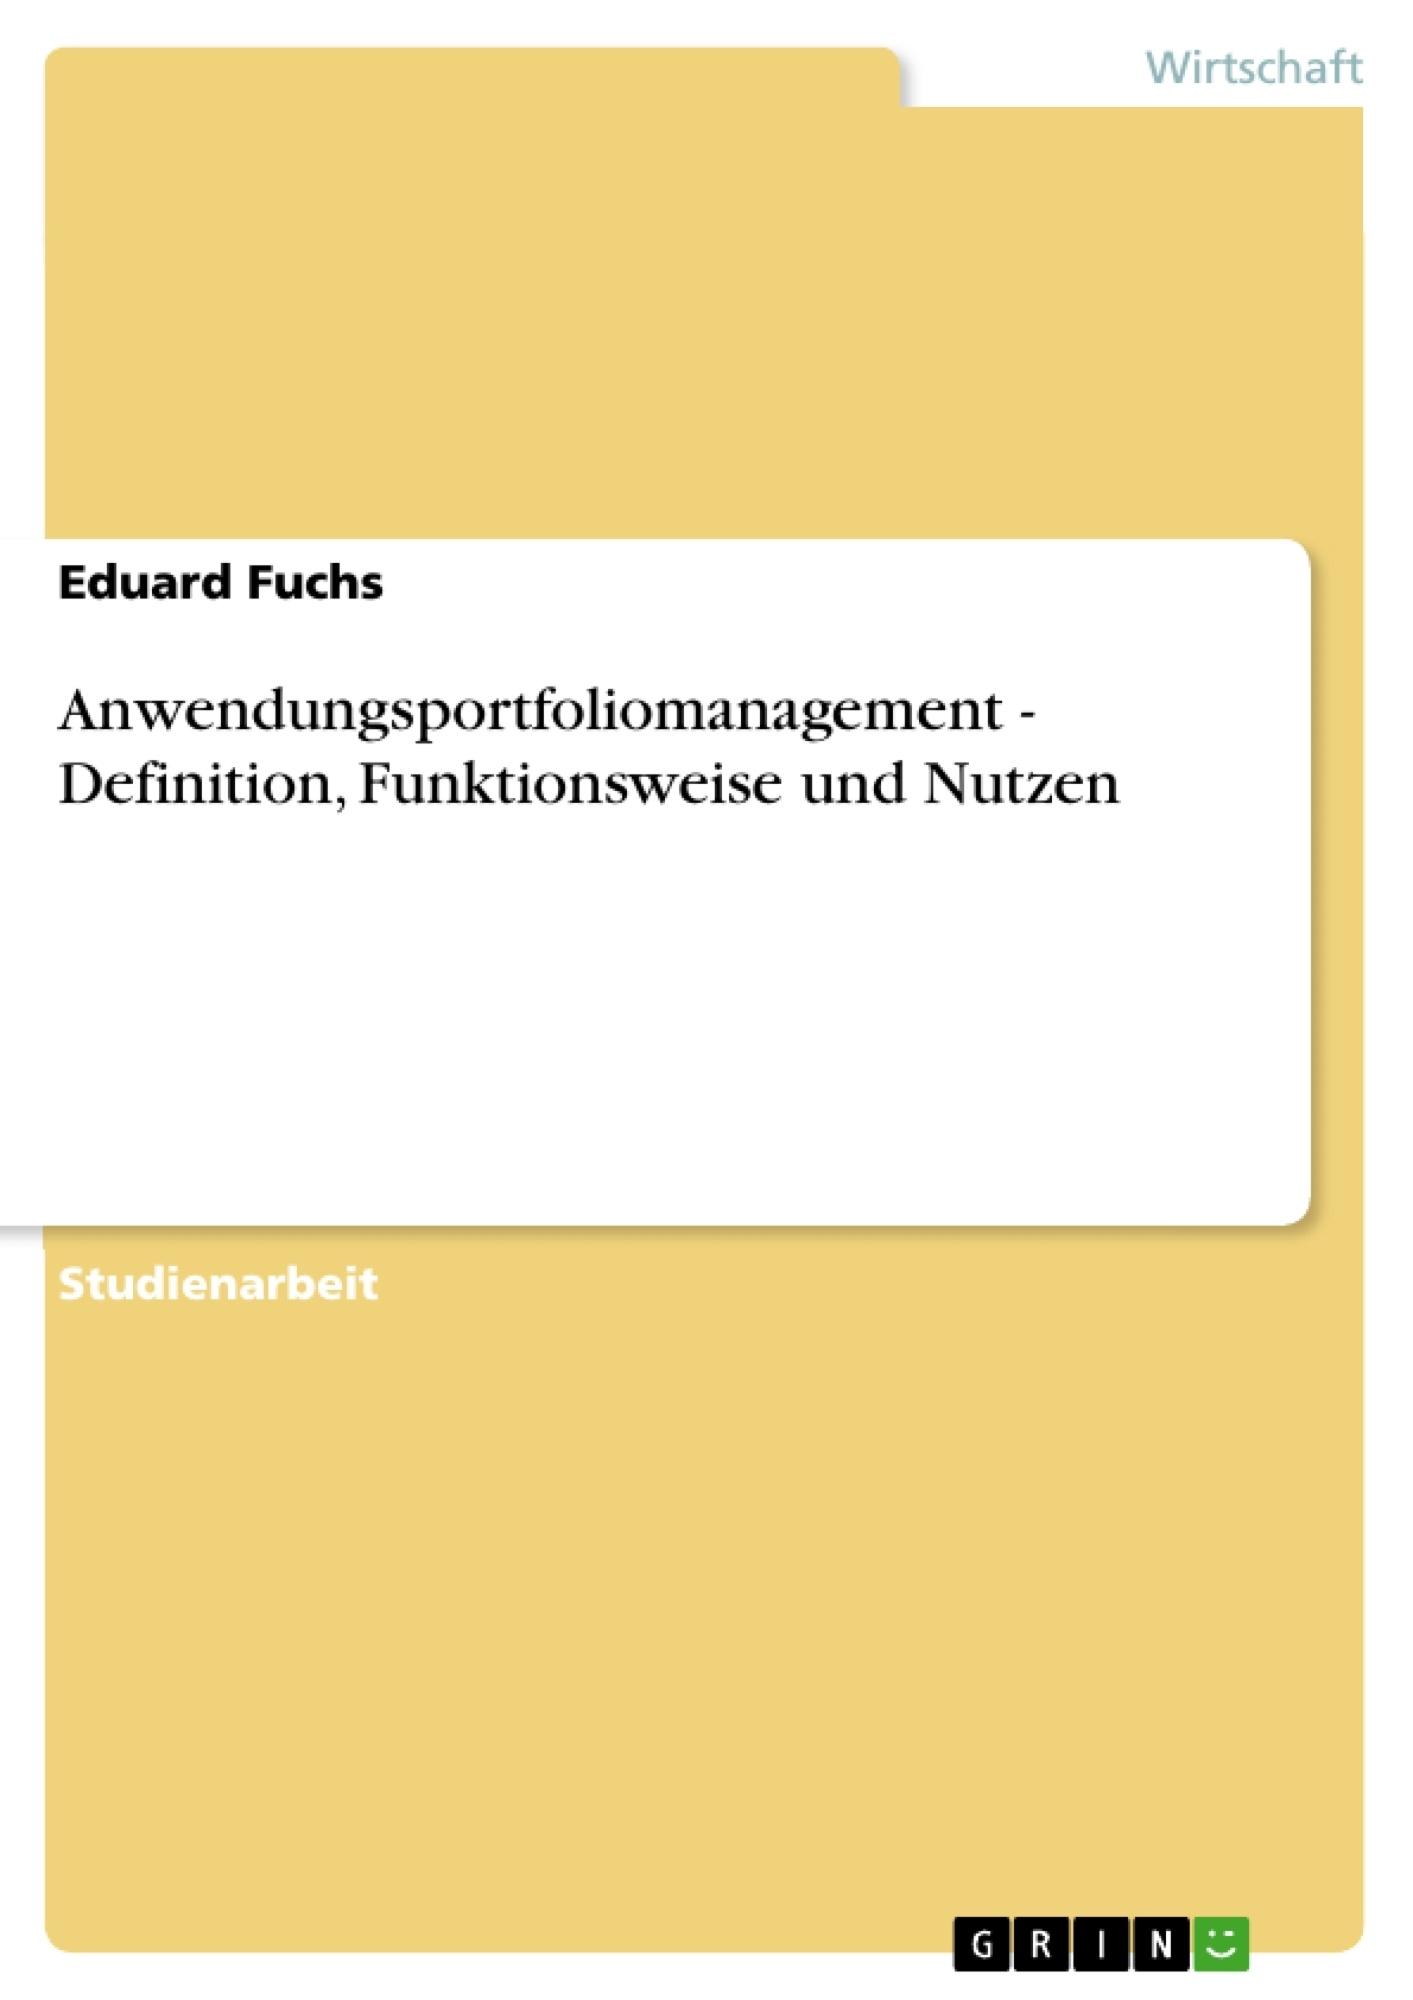 Titel: Anwendungsportfoliomanagement - Definition, Funktionsweise und Nutzen